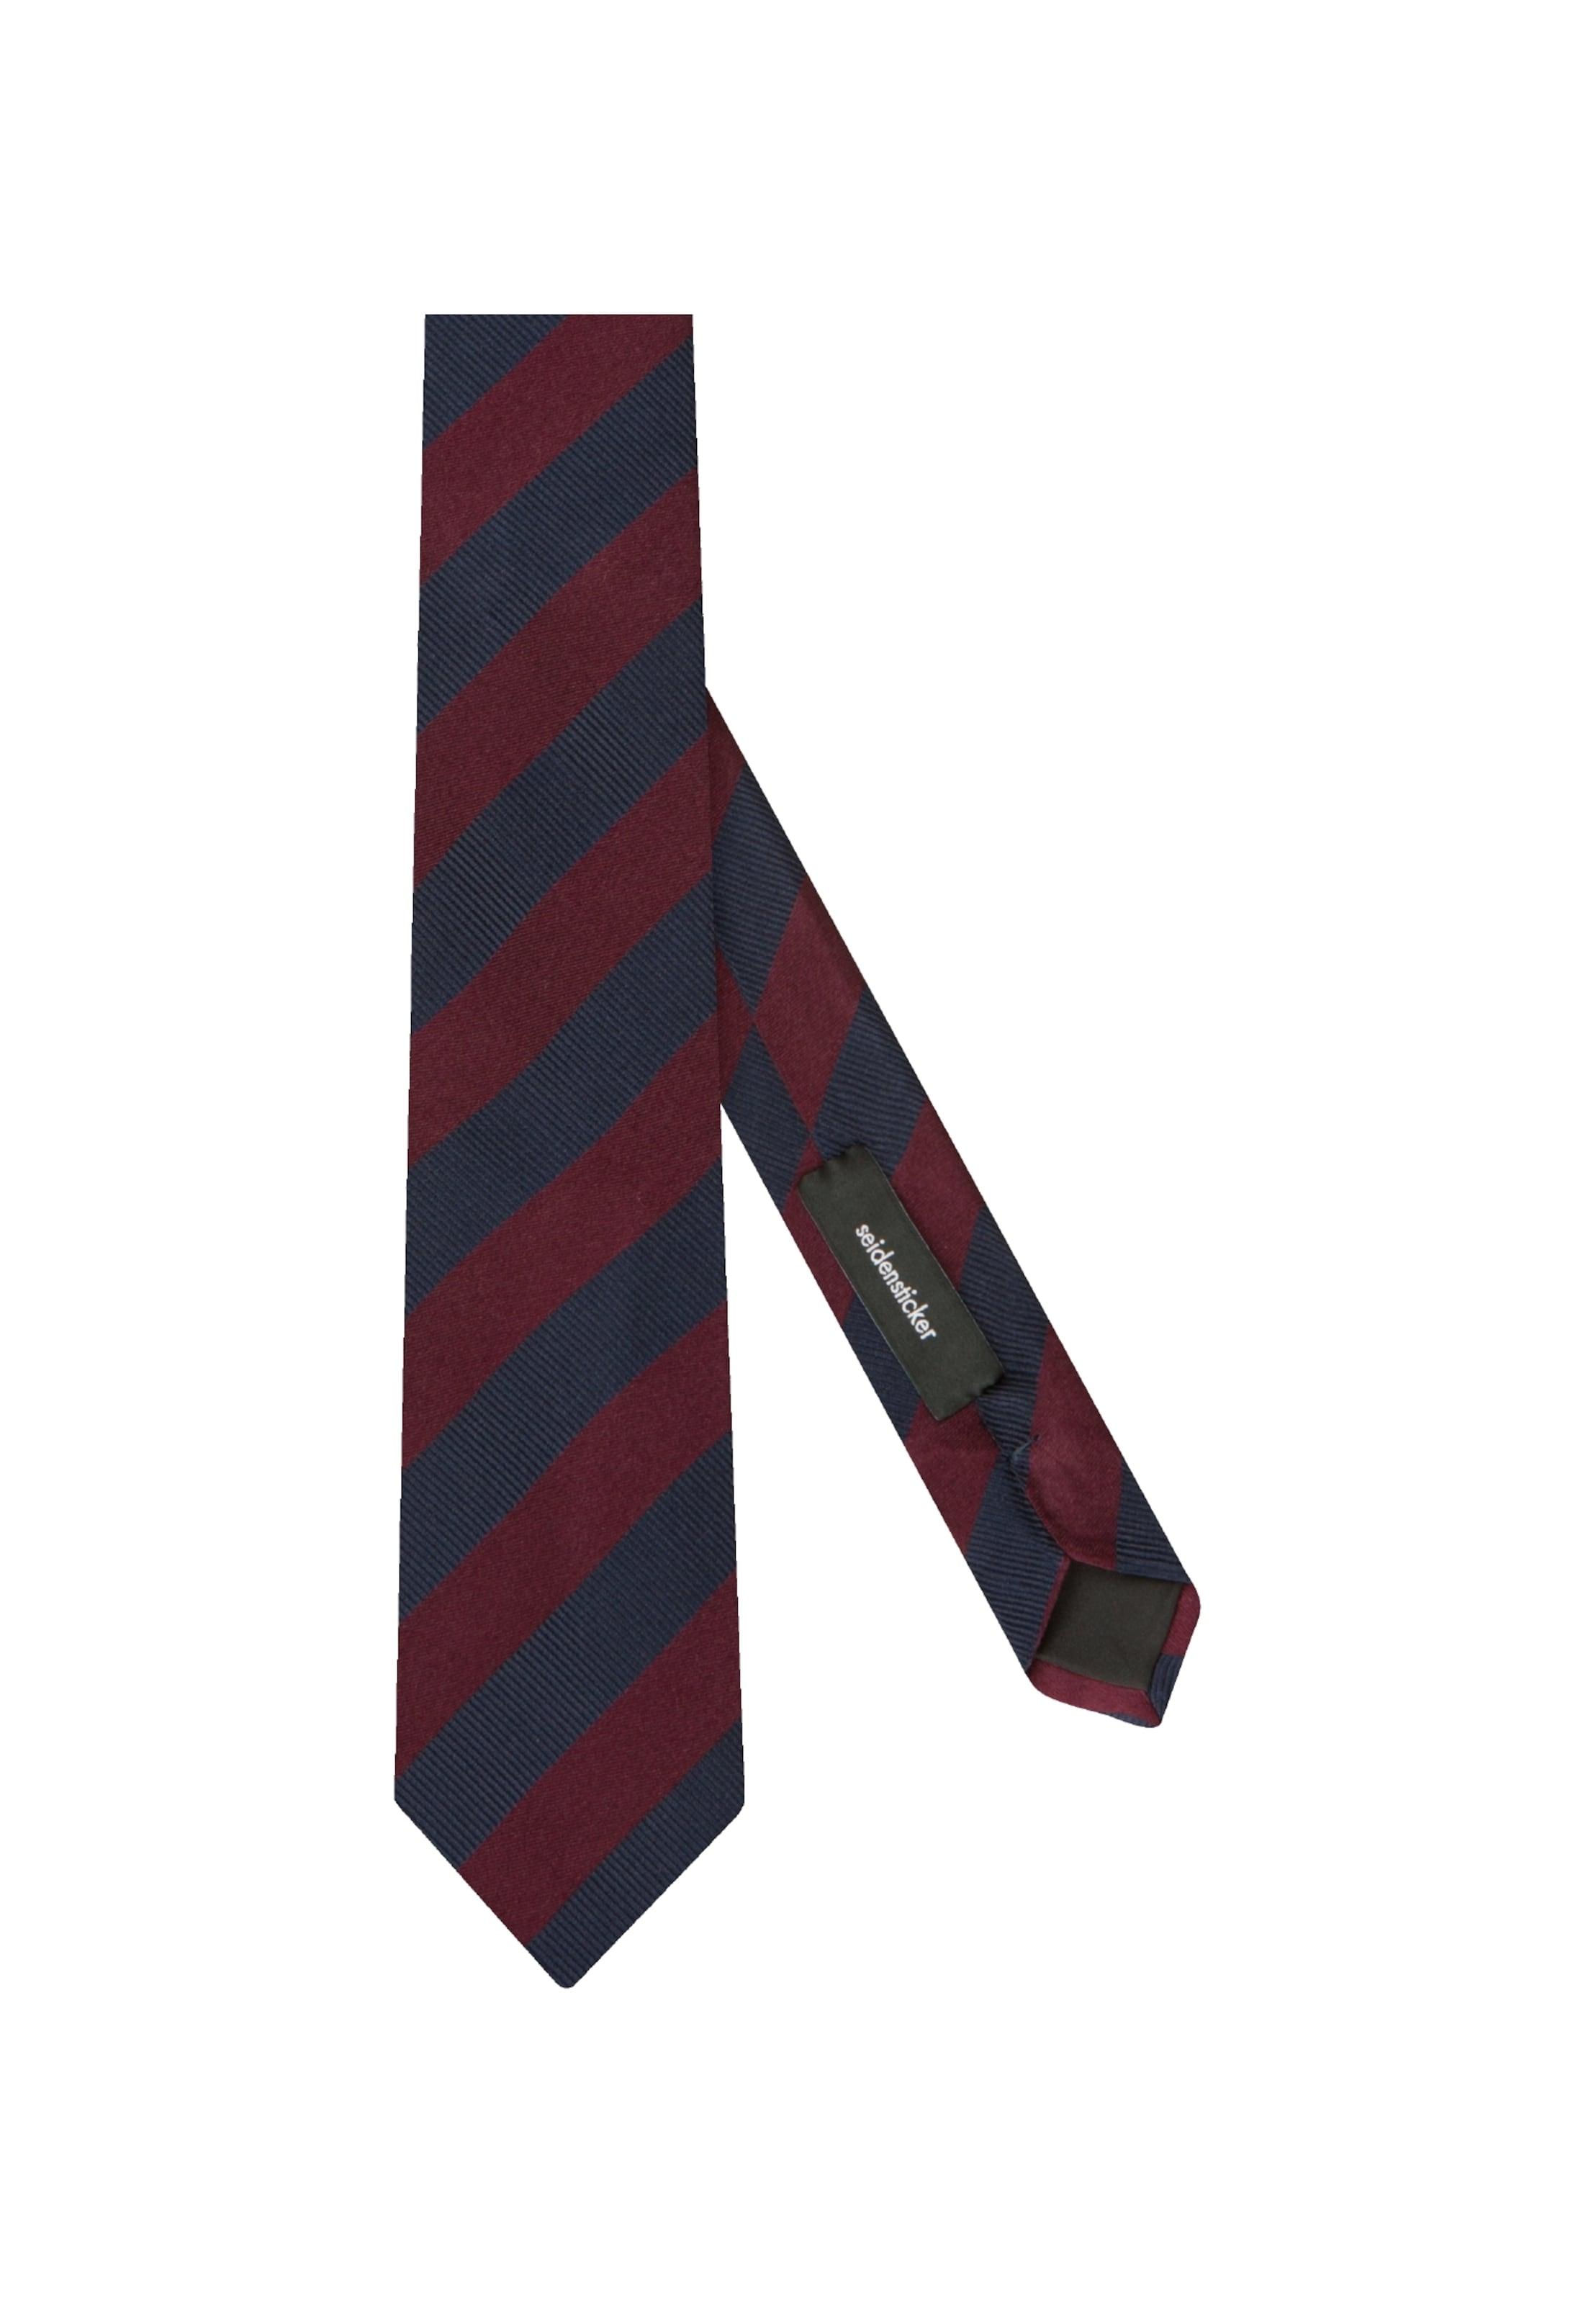 Krawatte Rose' 'schwarze Seidensticker Rot In PXZiTkOu